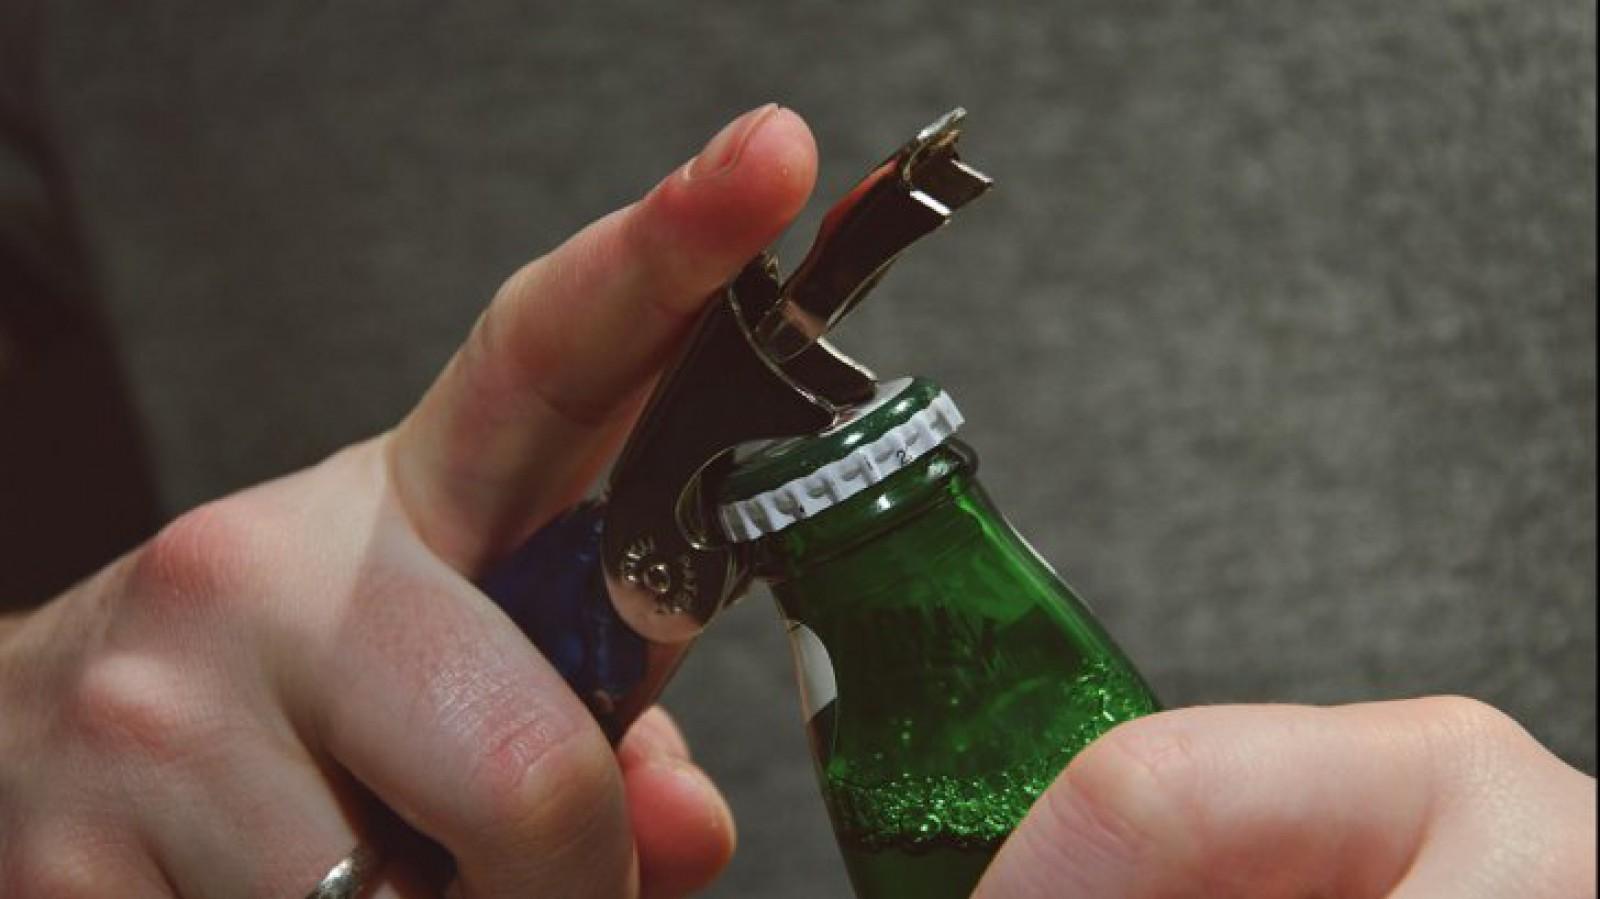 De ce sticlele de bere sunt verzi sau maro